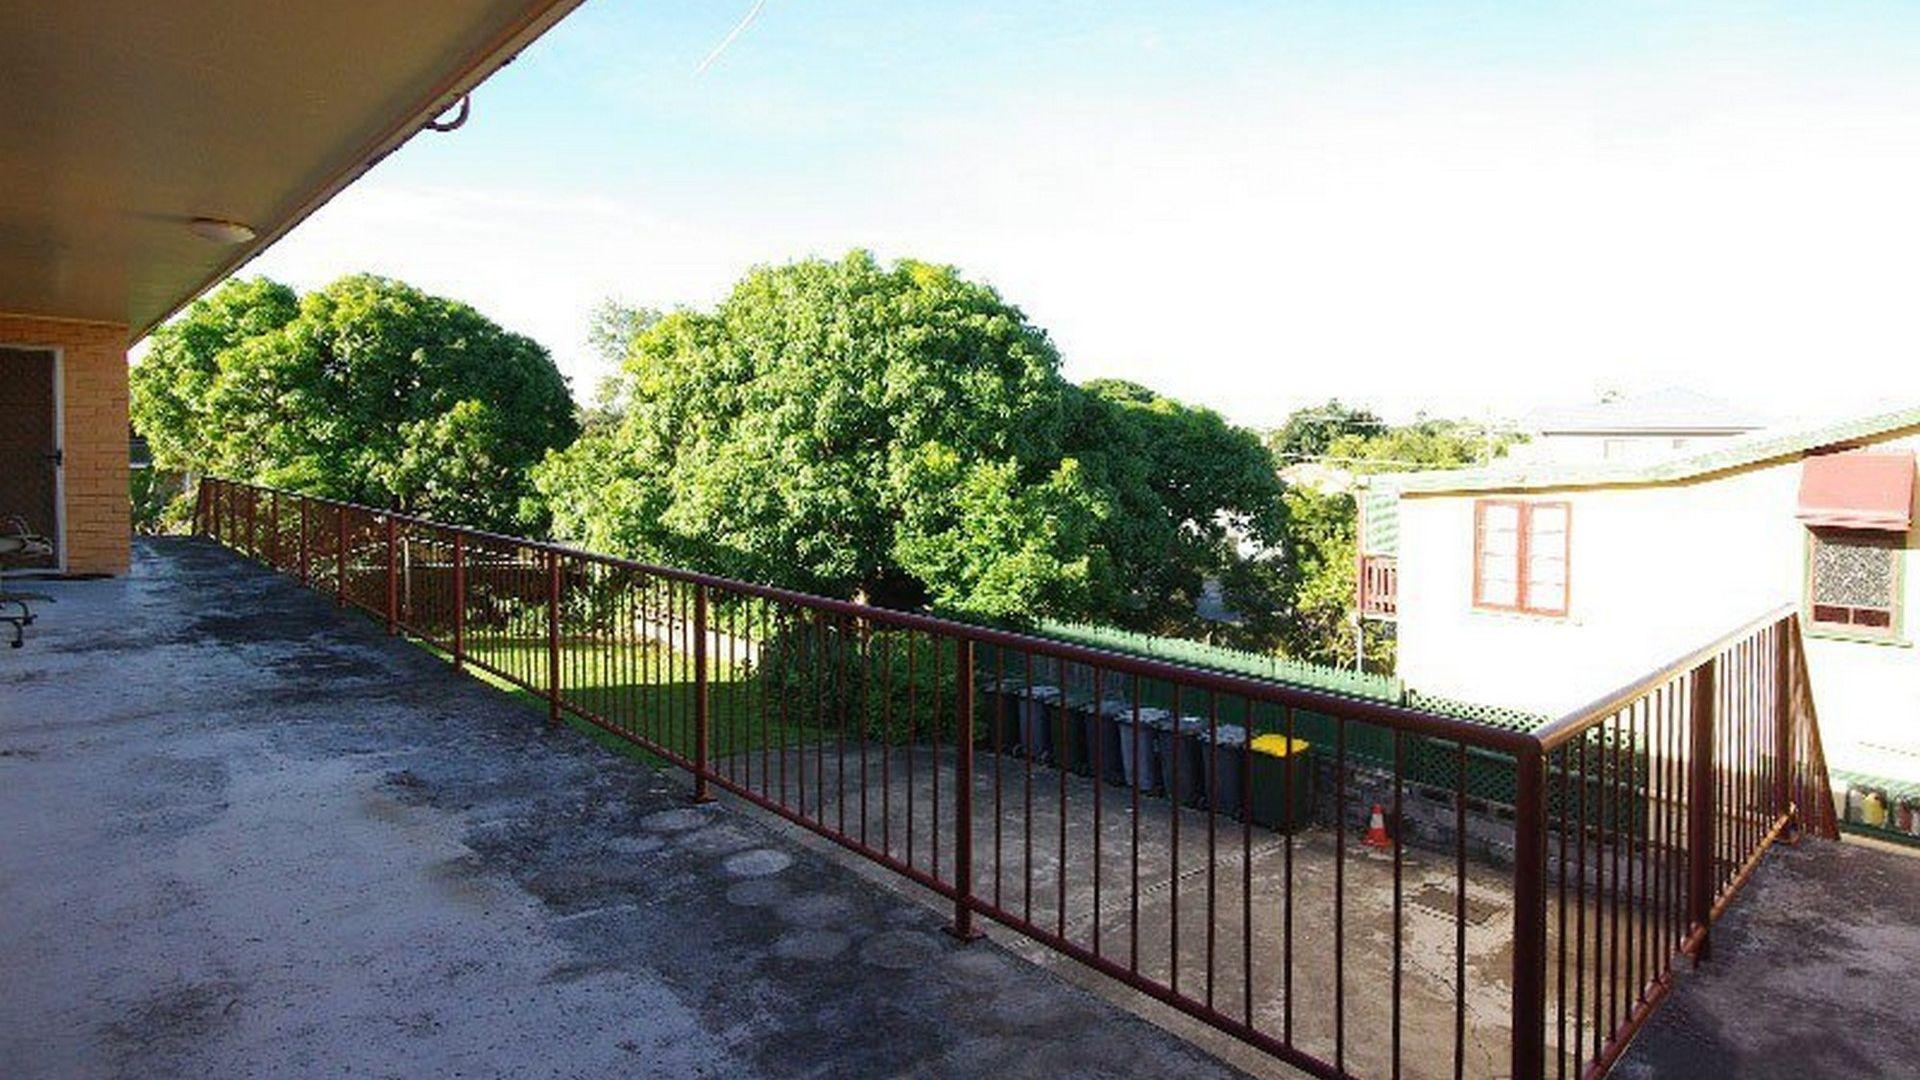 3/186 Juliette Street, Greenslopes QLD 4120, Image 1